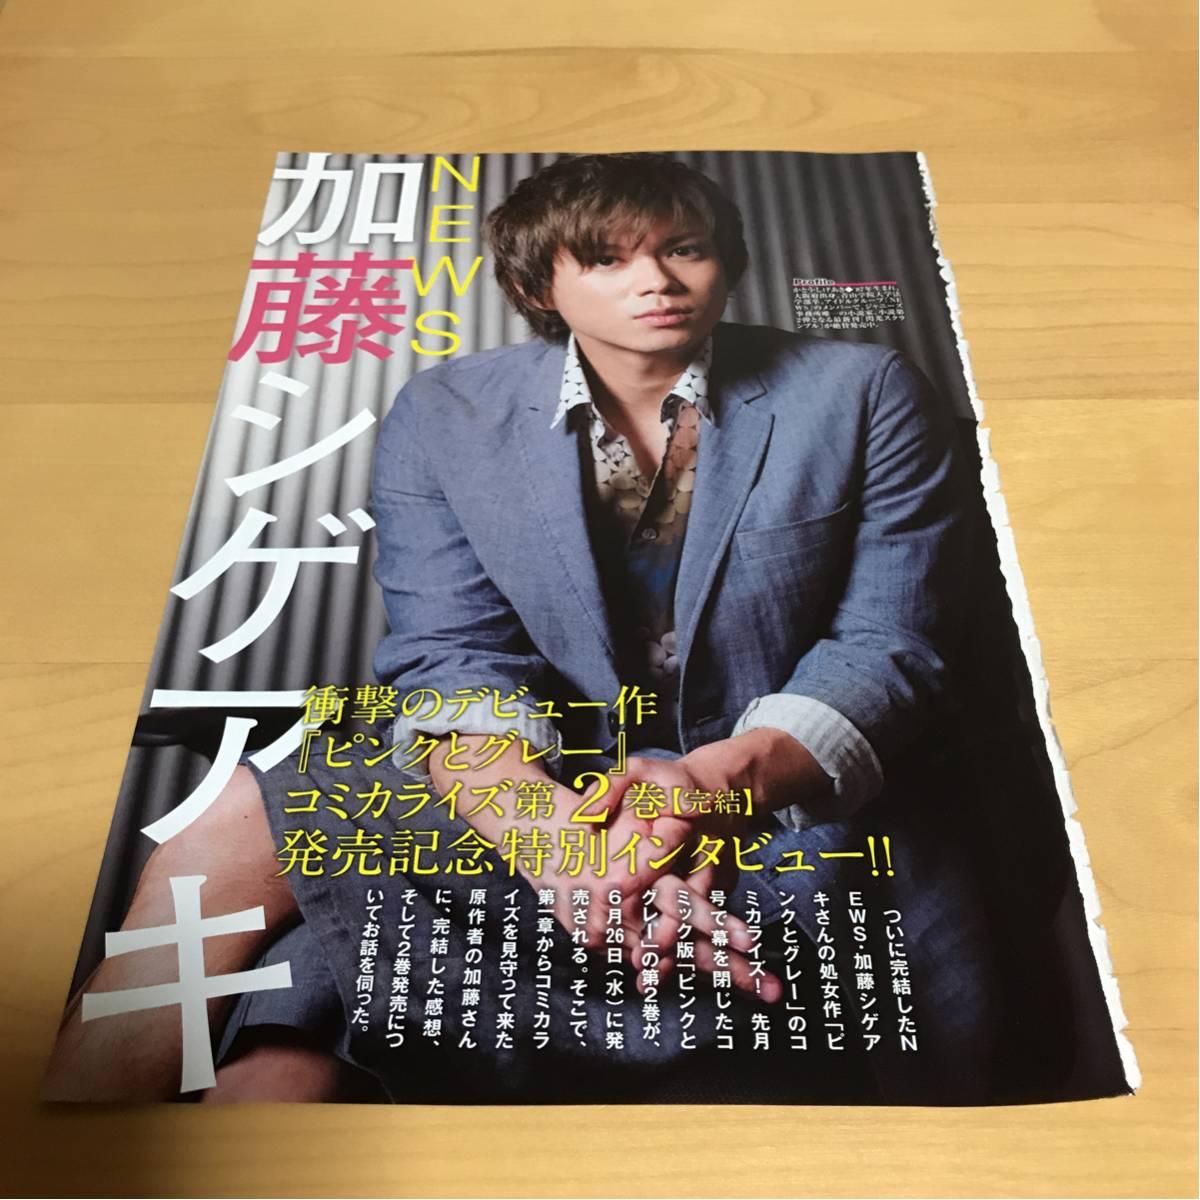 NEWS 加藤シゲアキ 切り抜き 3ページ 月刊あすか 2013年8月号 送料164円